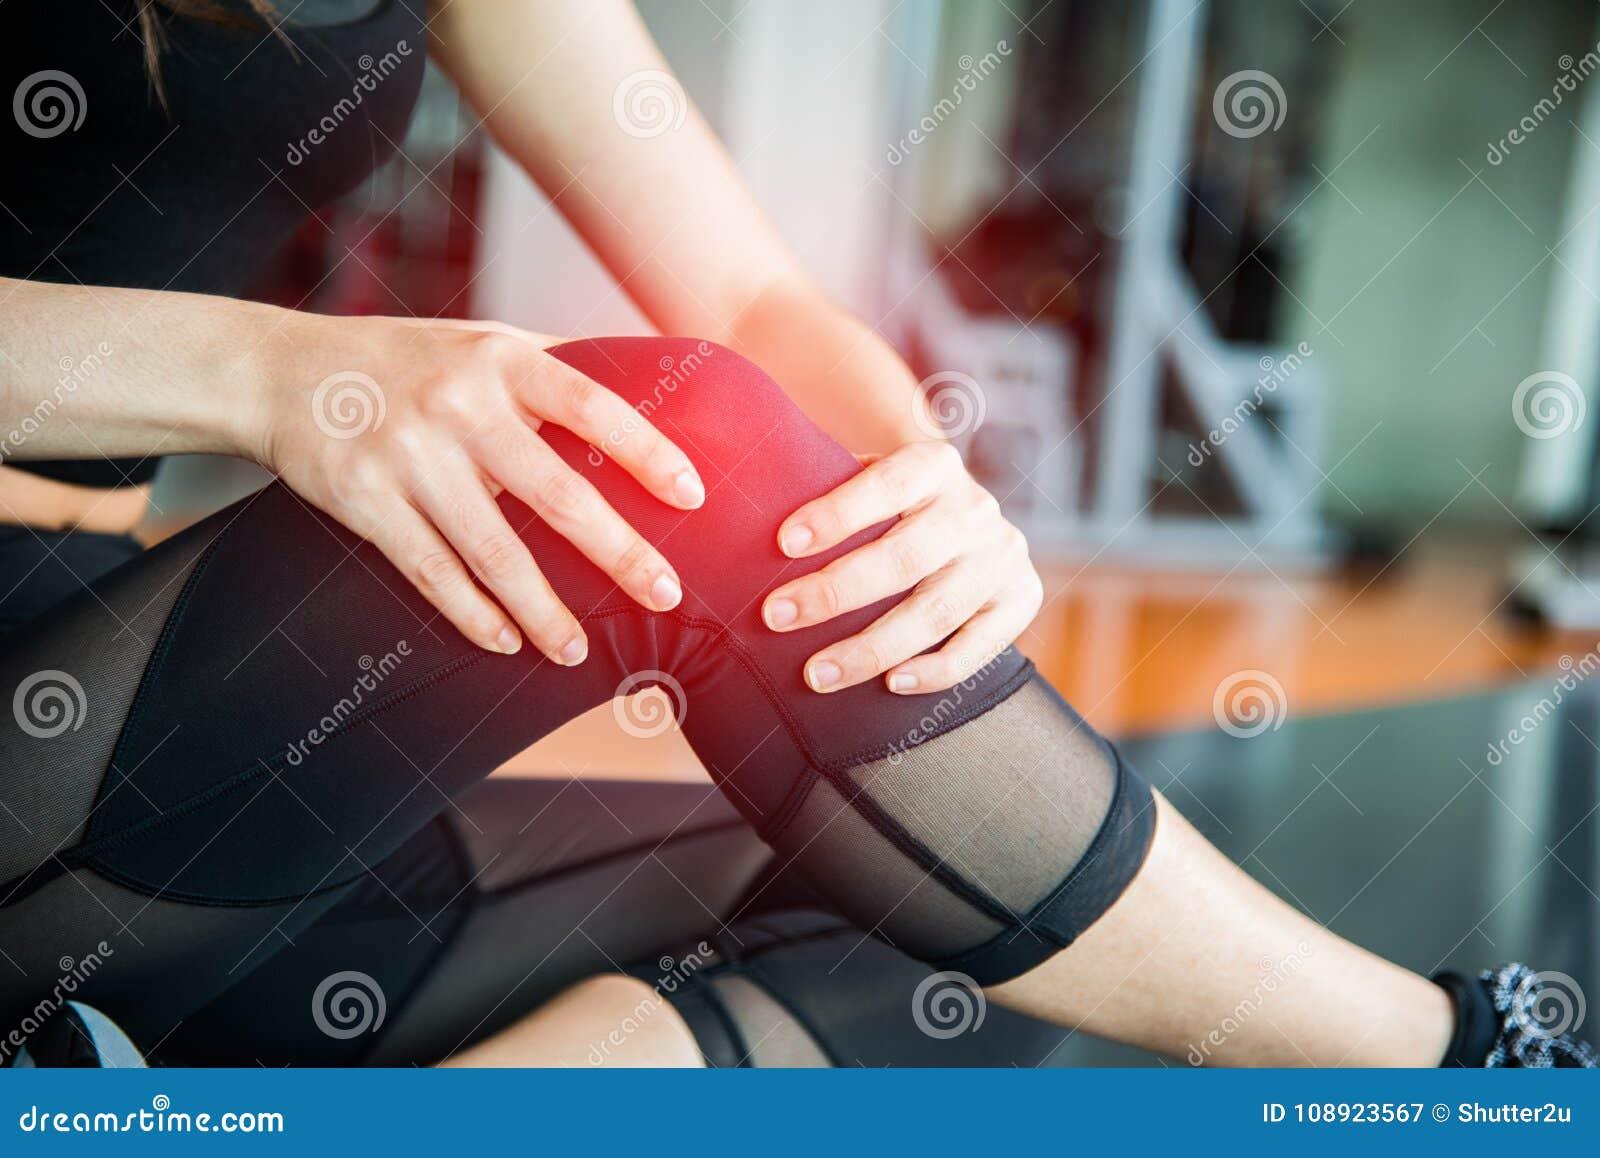 Sportverletzung am Knie in der Eignungstrainingsturnhalle Training und medi